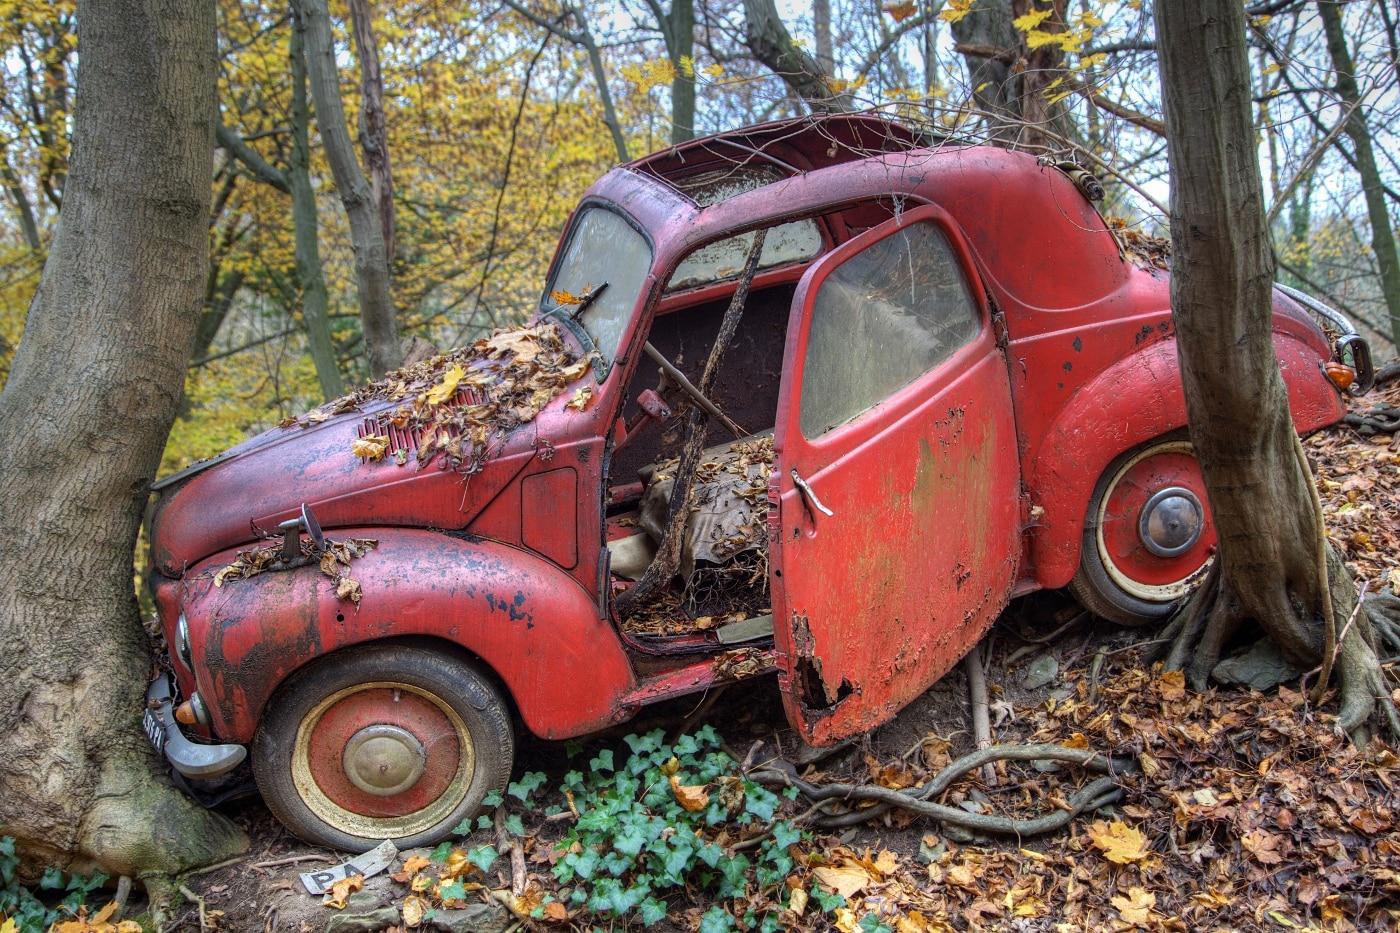 Lost vintage car | © Wolfgang Röser